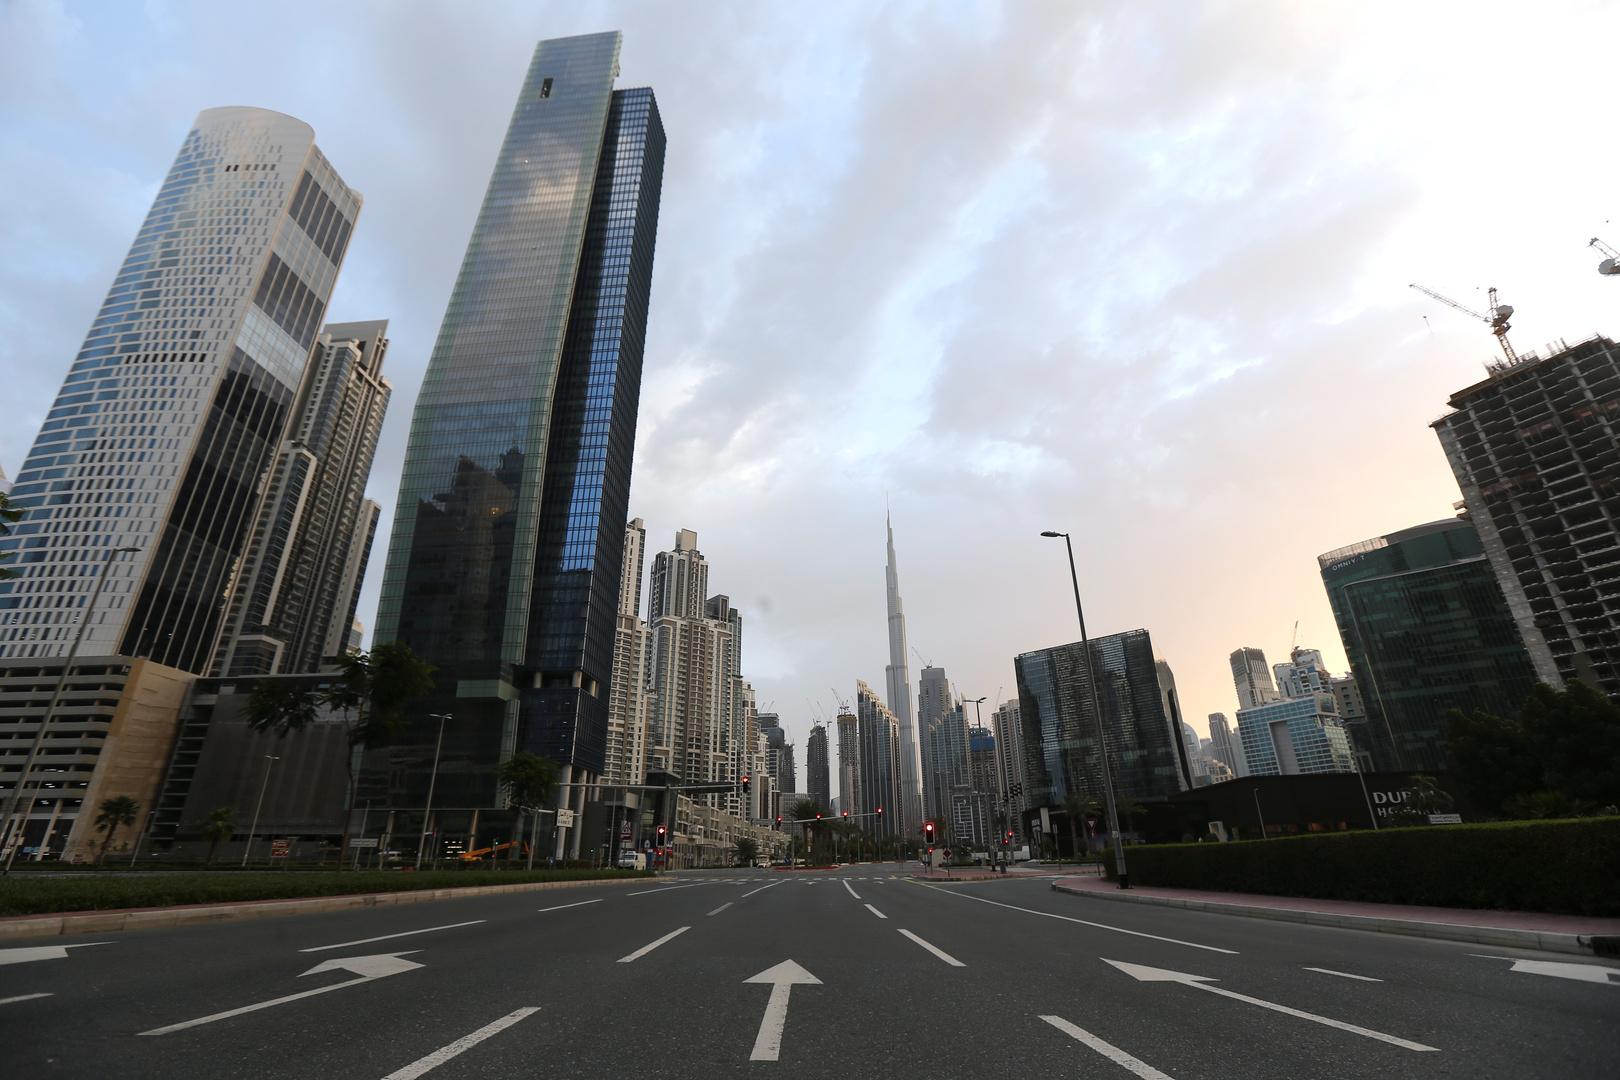 دبي تشدد القيود على الحركة لمدة أسبوعين لوقف انتشار فيروس كورونا